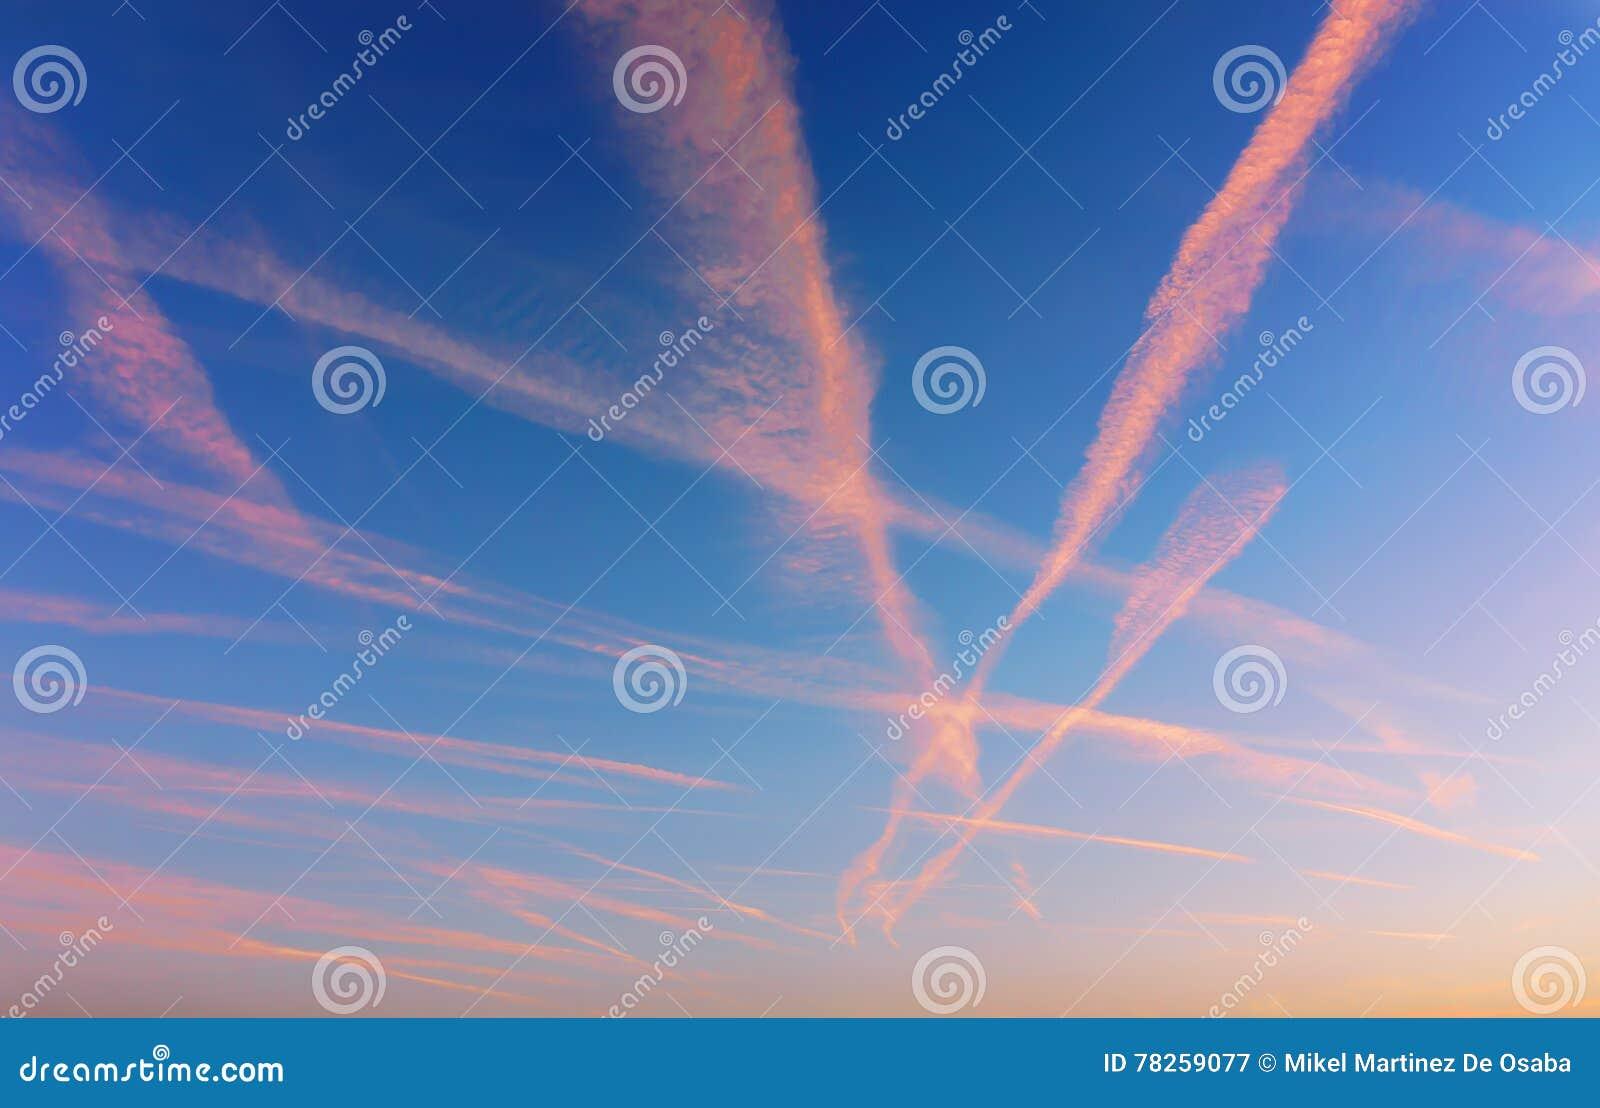 Cloudscape με τα ίχνη αεροπλάνων στο ηλιοβασίλεμα